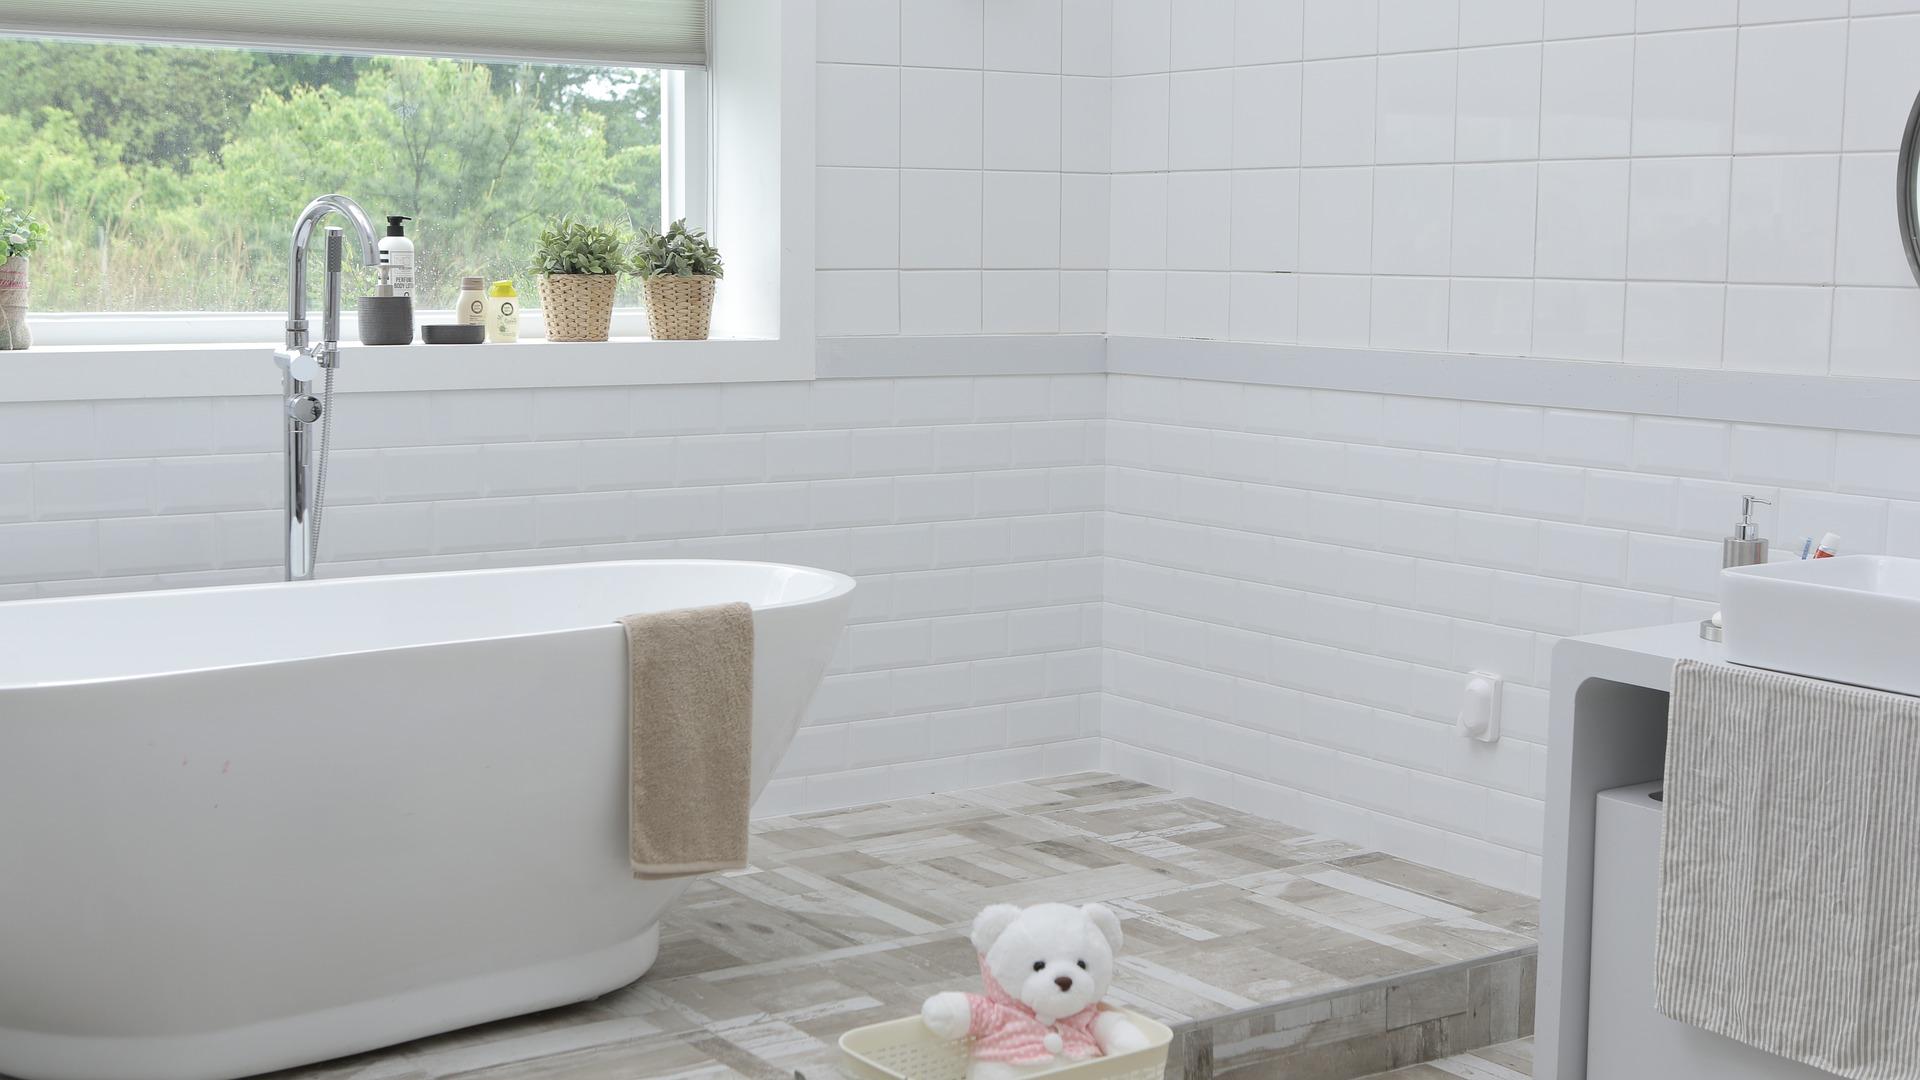 Badgoed in de badkamer #badkamer #handdoek